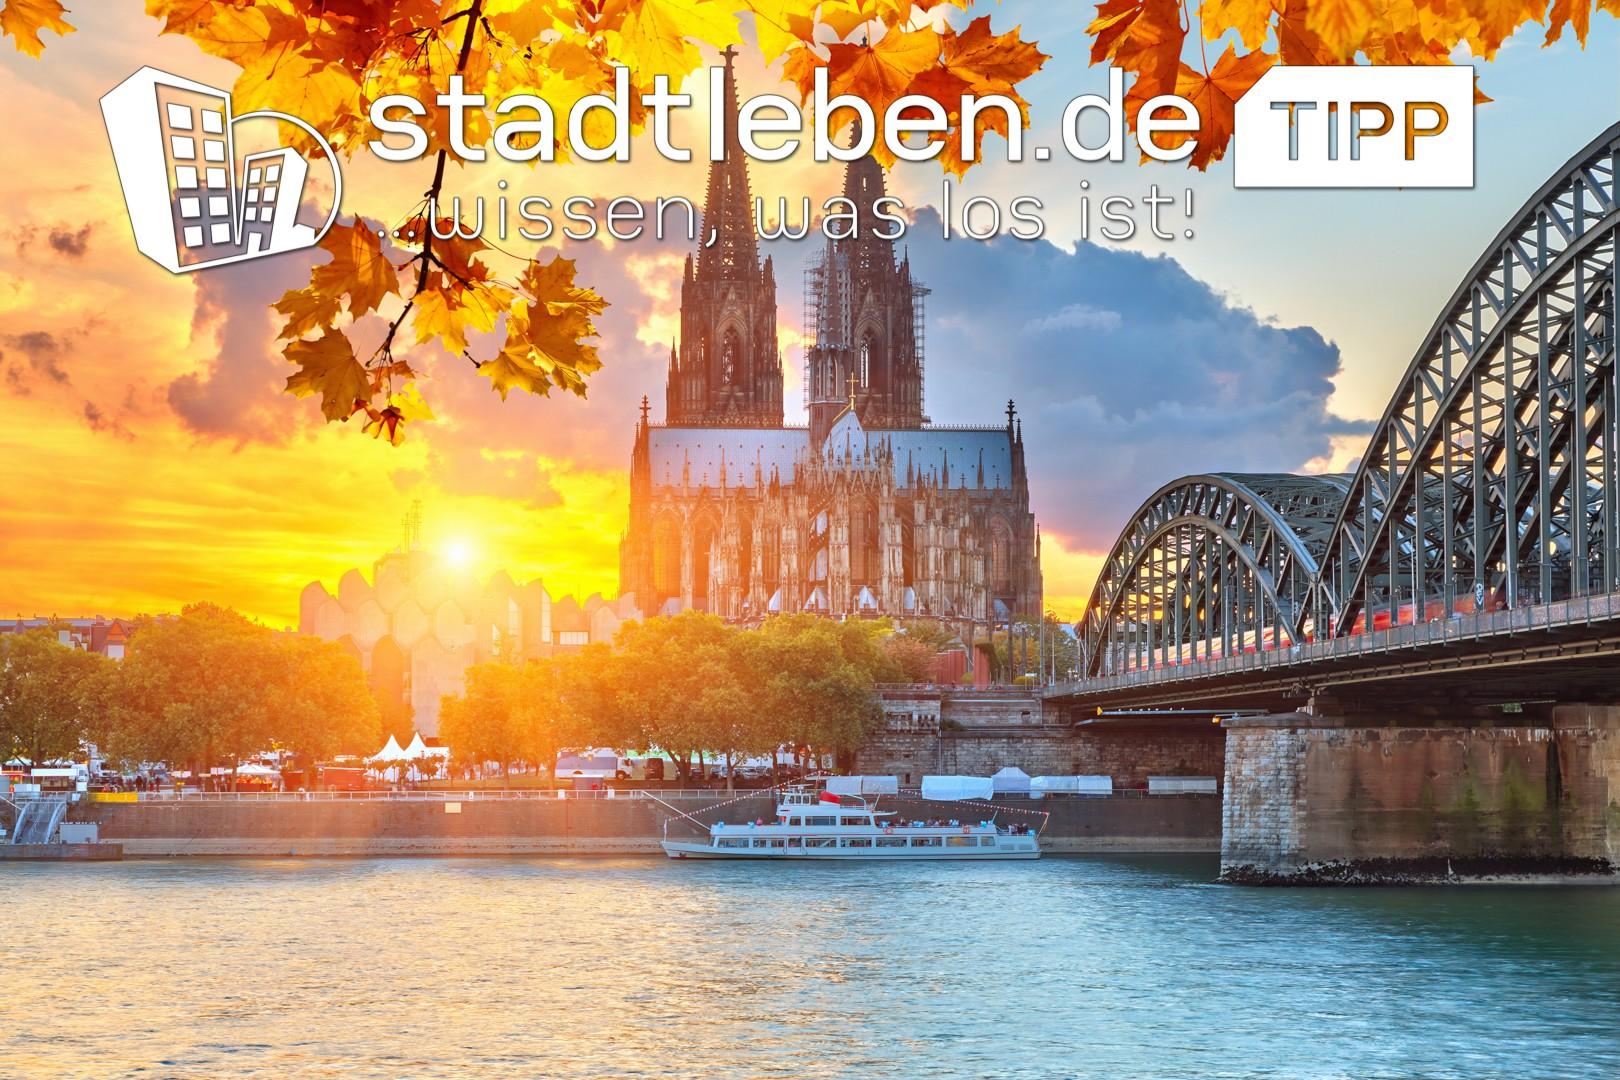 Wochenende, Köln, Tipps, Ausflug